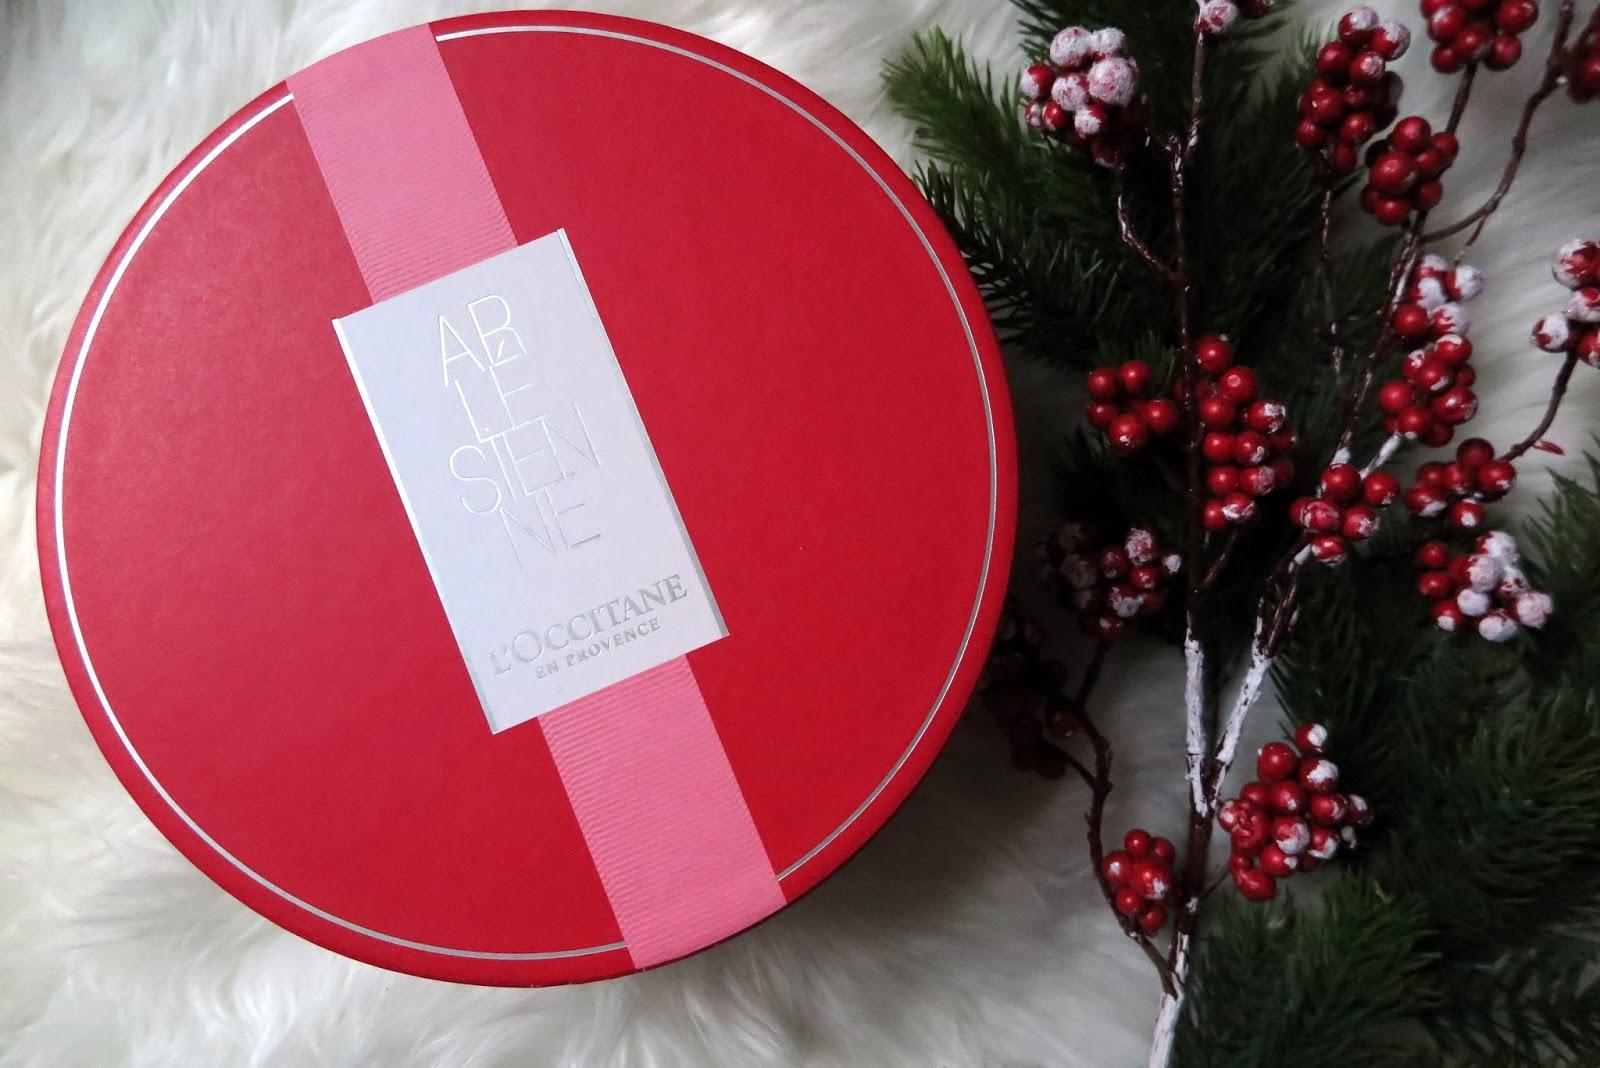 3 advent gewinnspiel l 39 occitane arlesienne geschenkset hearttobreathe. Black Bedroom Furniture Sets. Home Design Ideas